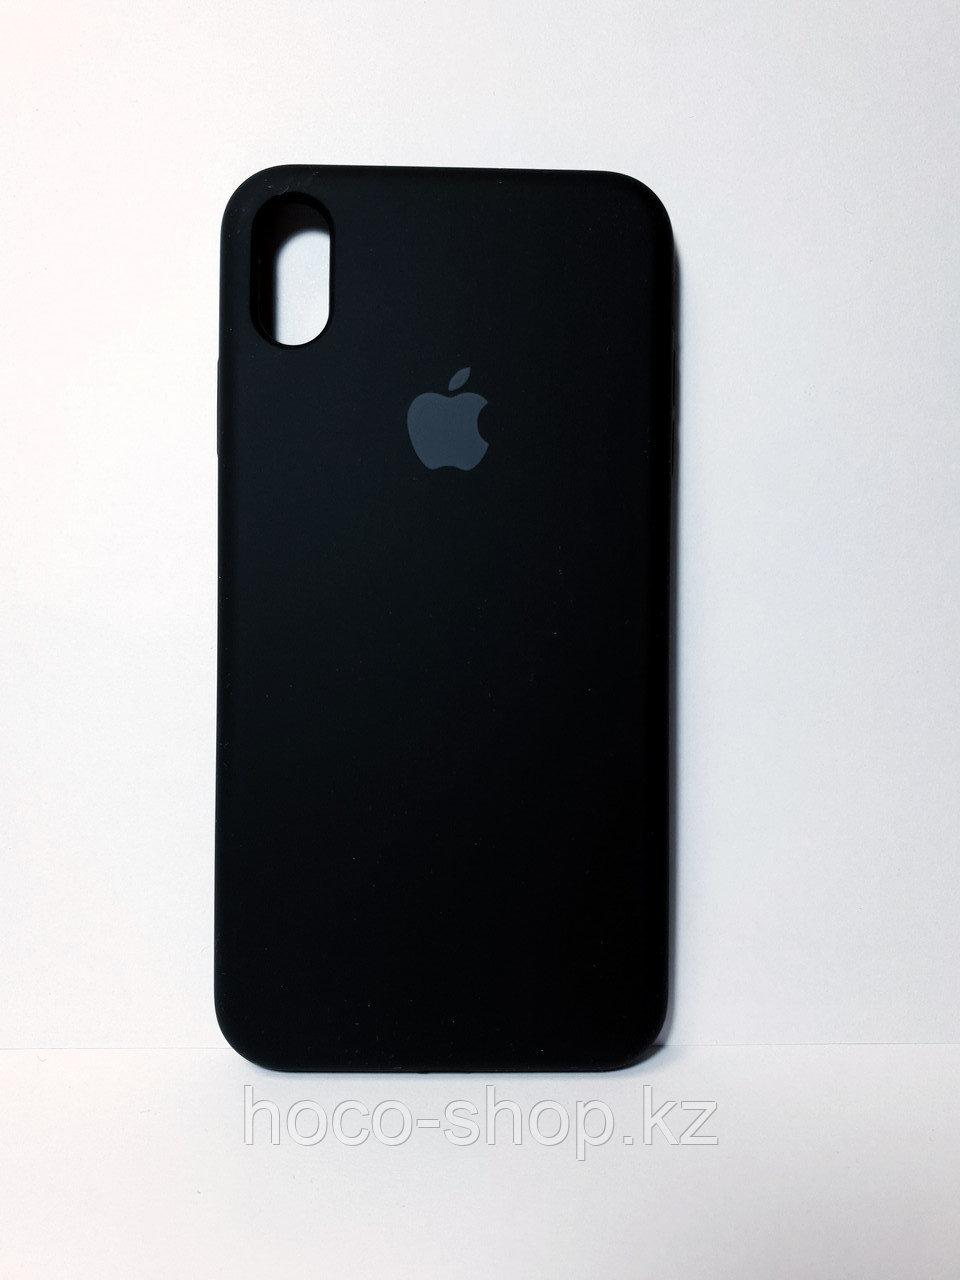 Защитный чехол для iPhone Xs Max Soft Touch силиконовый, черный